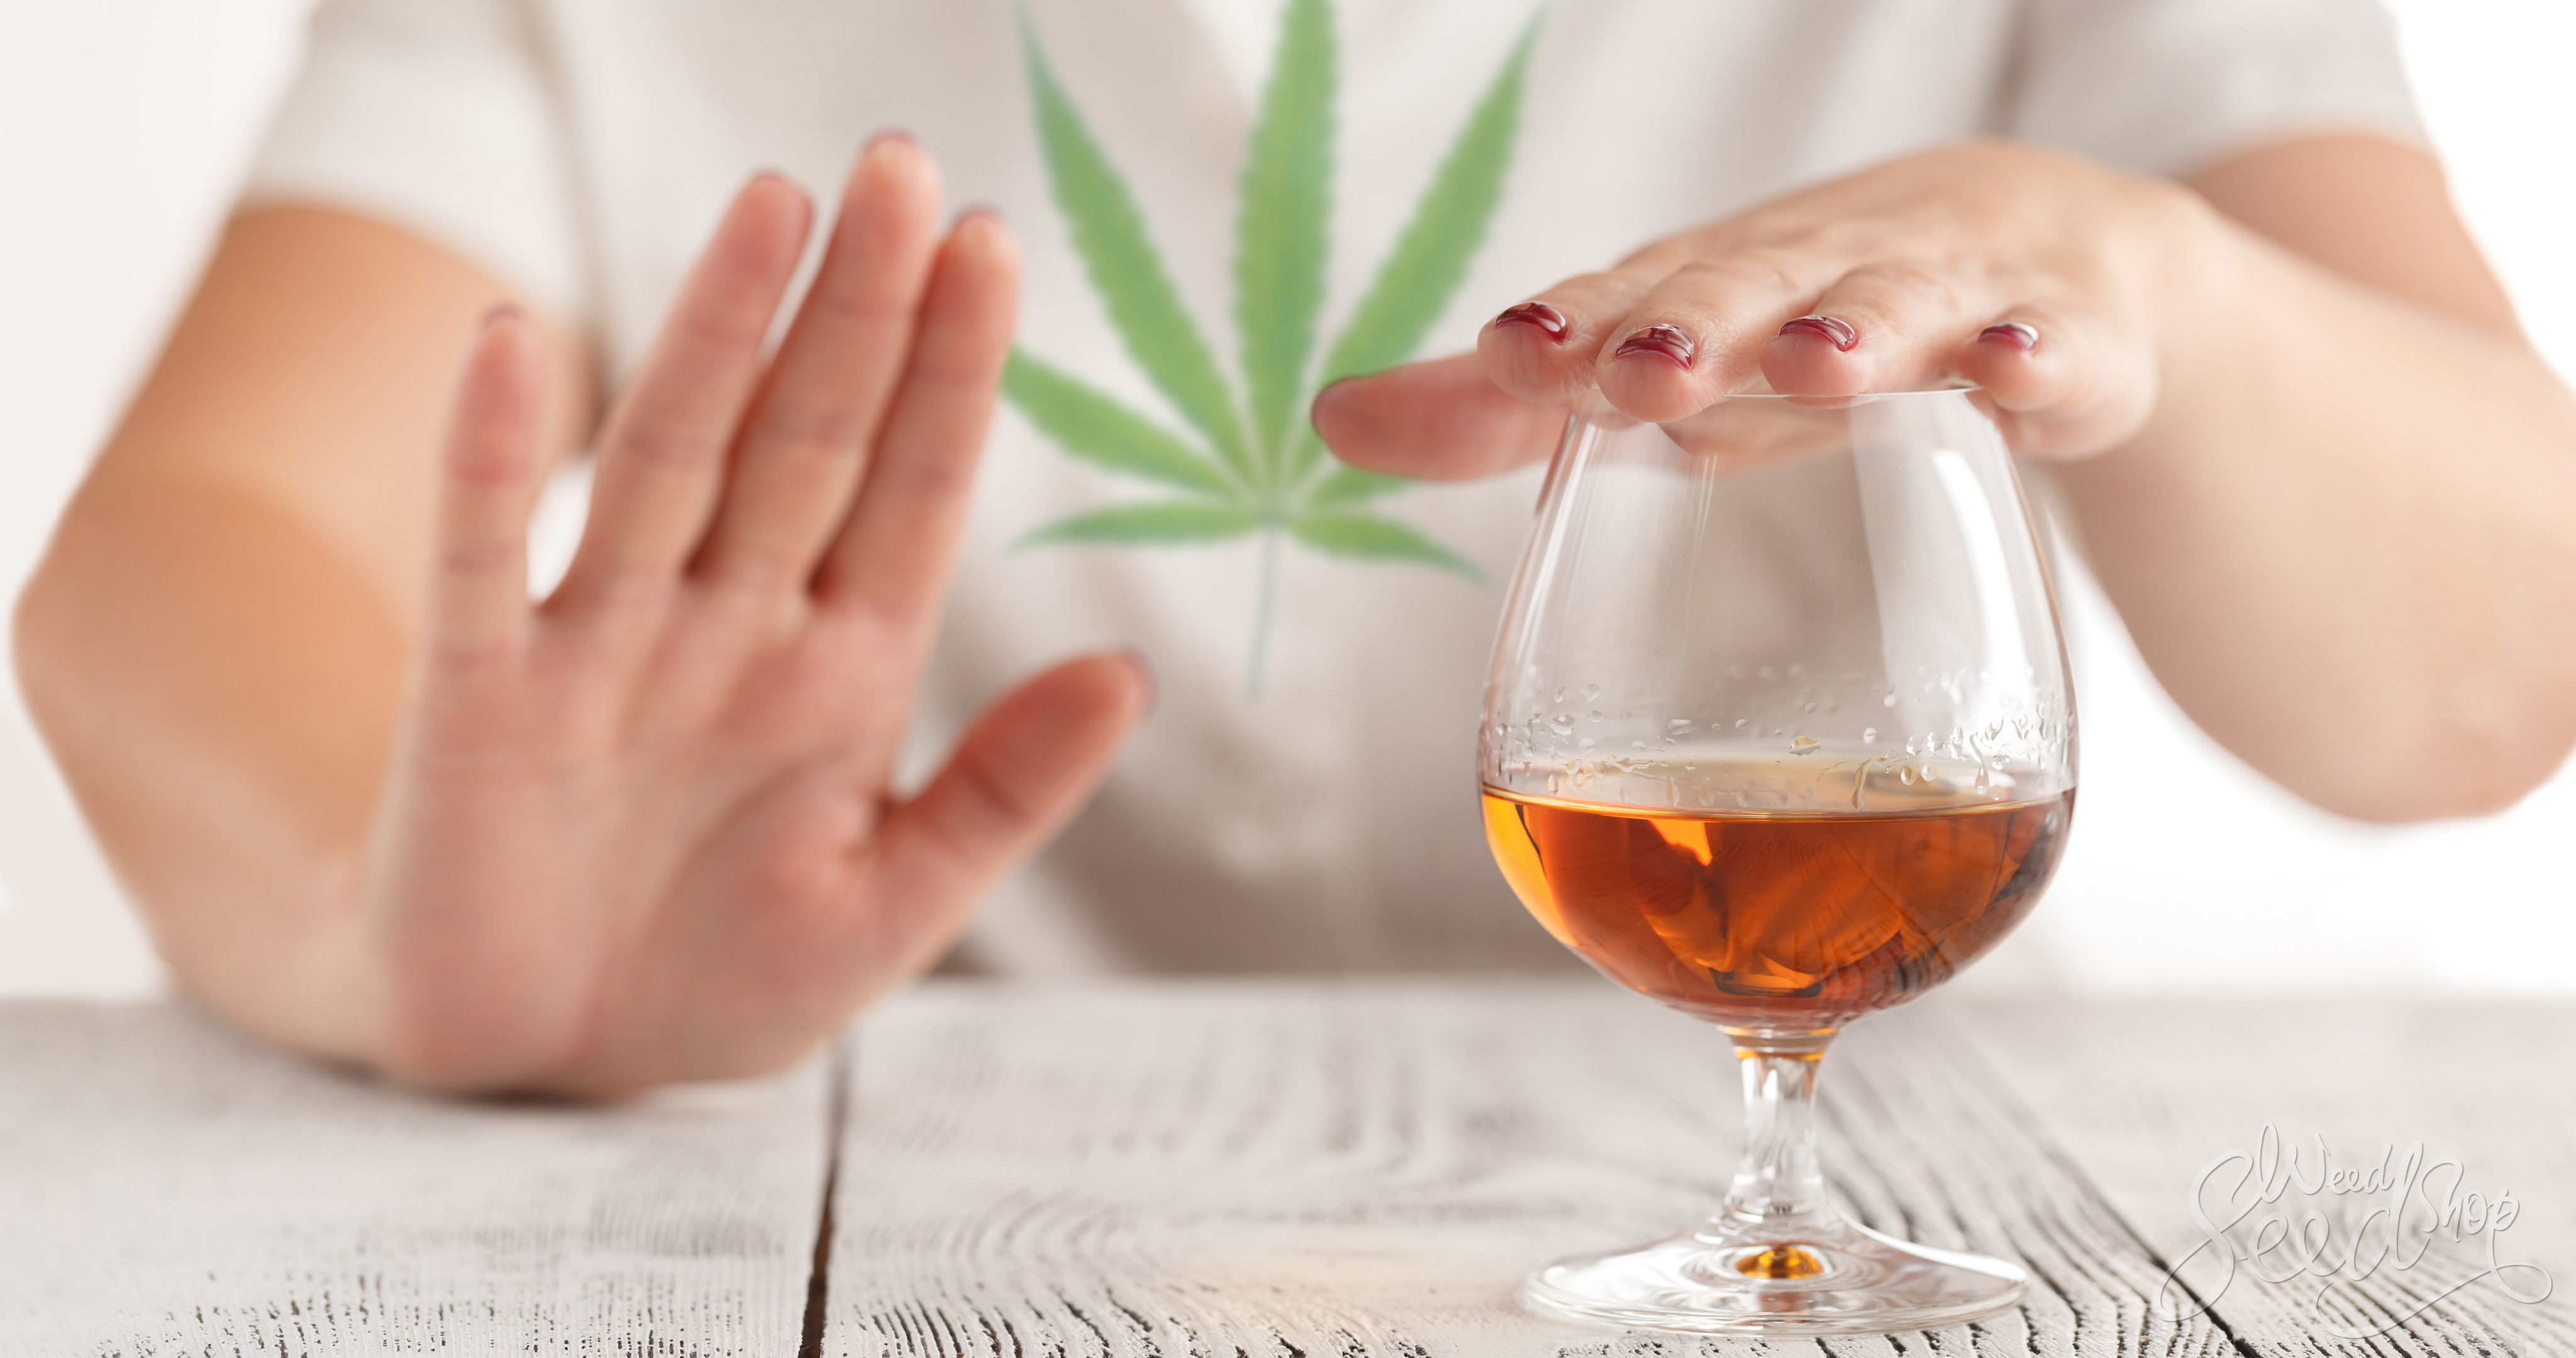 Le cannabis a-t-il un potentiel comme traitement contre l'alcoolisme et ses ravages ? Lis cet article pour le savoir !